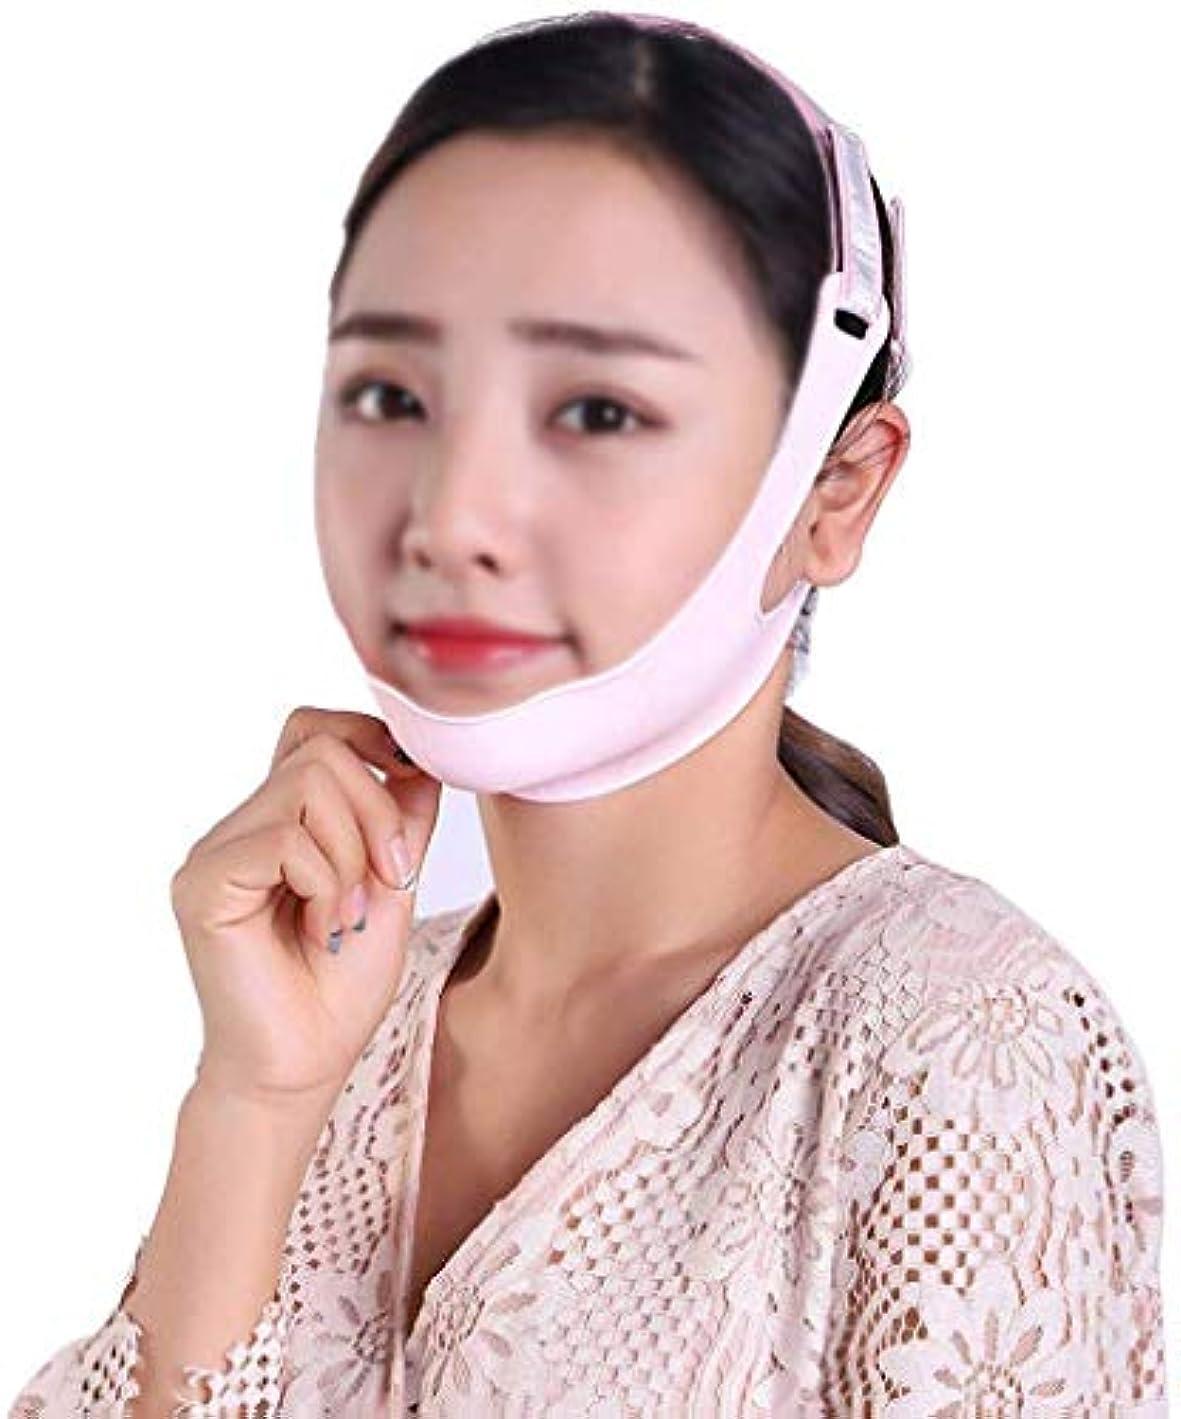 悪夢雹ピュースリミングVフェイスマスク、フェイスリフトマスク、シリコンVフェイスマスクファーミング、リフティングフェイス、バンデージスモールVフェイスアーティファクトリラクゼーションフェイスとネックリフトの防止(サイズ:L)